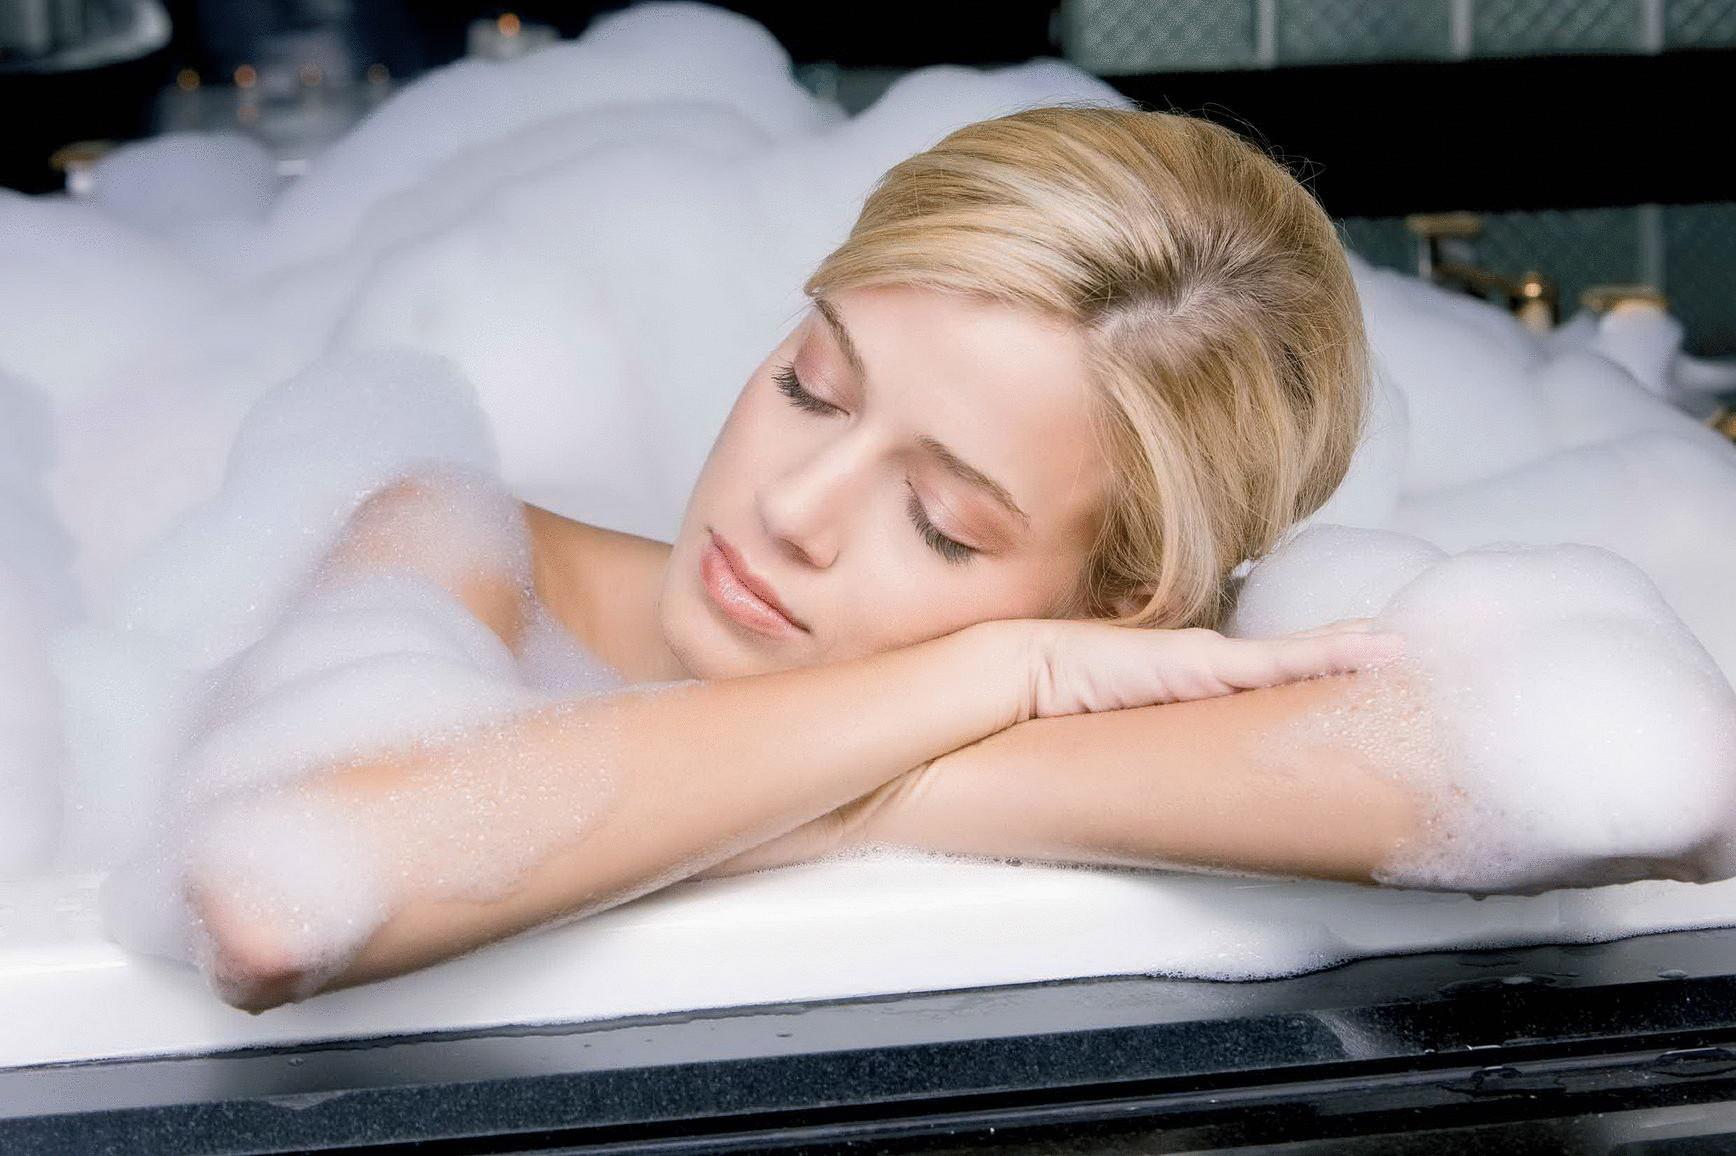 Фото бесплатно девушки в ванной 1 фотография